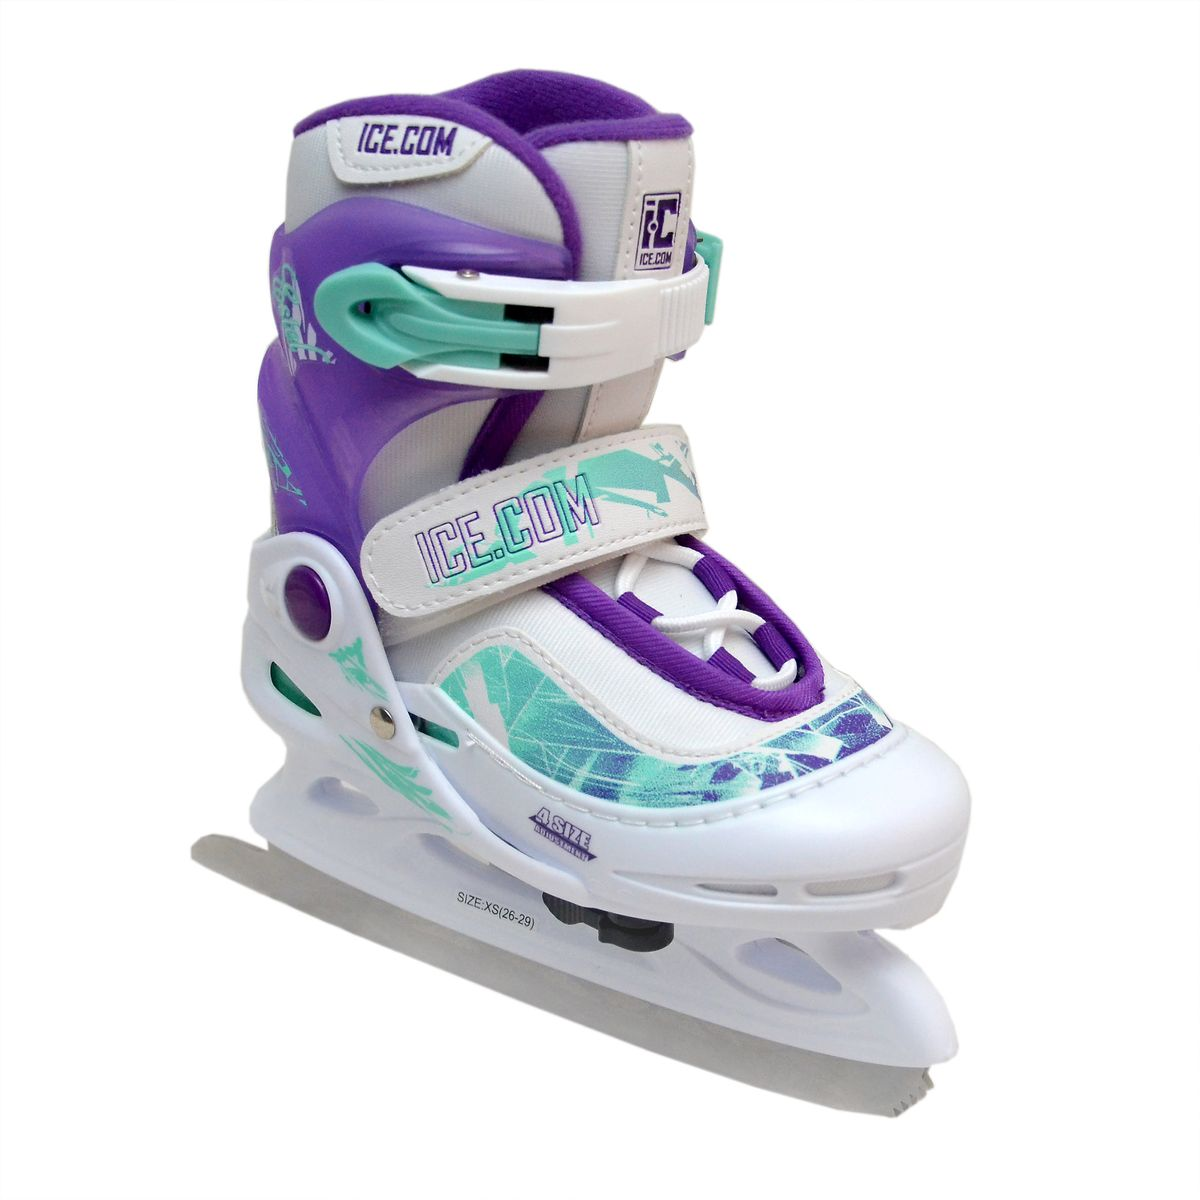 Коньки ледовые для девочки Ice. Com Estel, раздвижные, цвет: белый, фиолетовый, бирюзовый. Размер 26/29